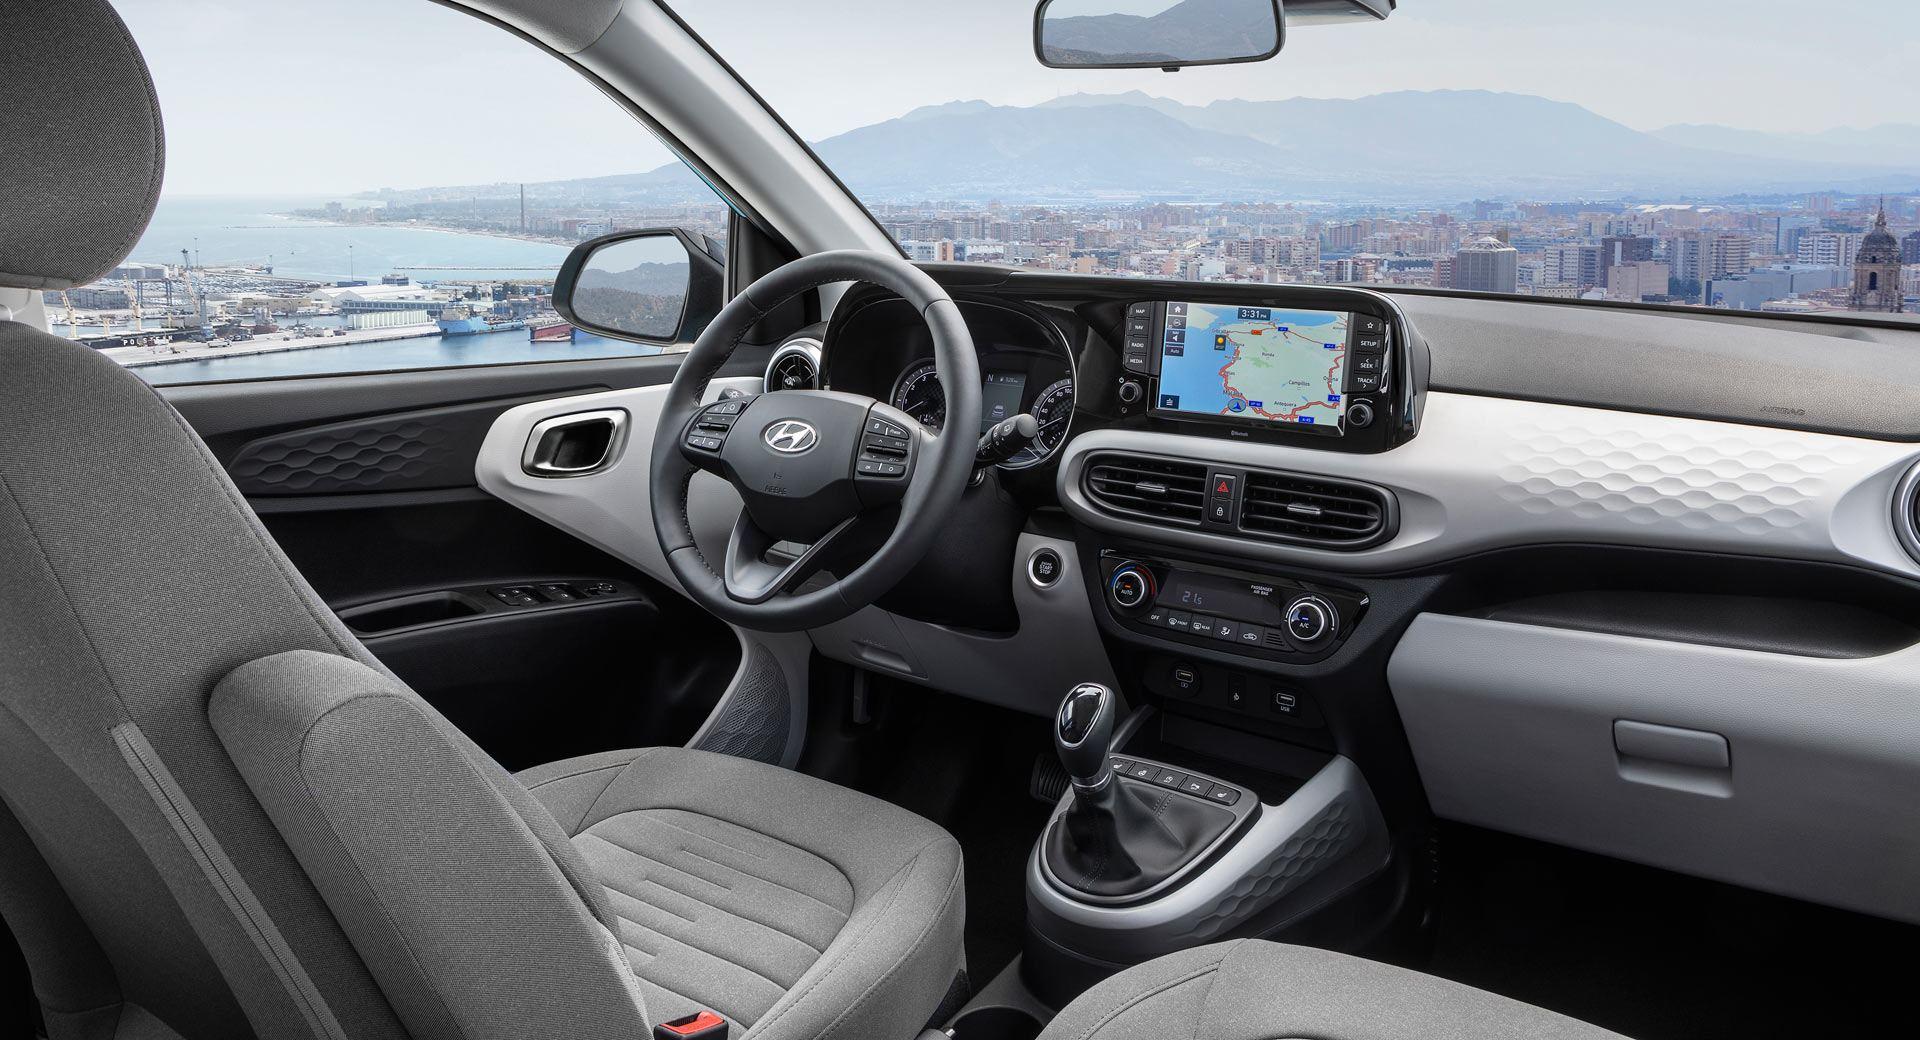 Hyundai i10 thế hệ mới sắp được ra mắt tại Frankfurt Motor Show 2019 - 12